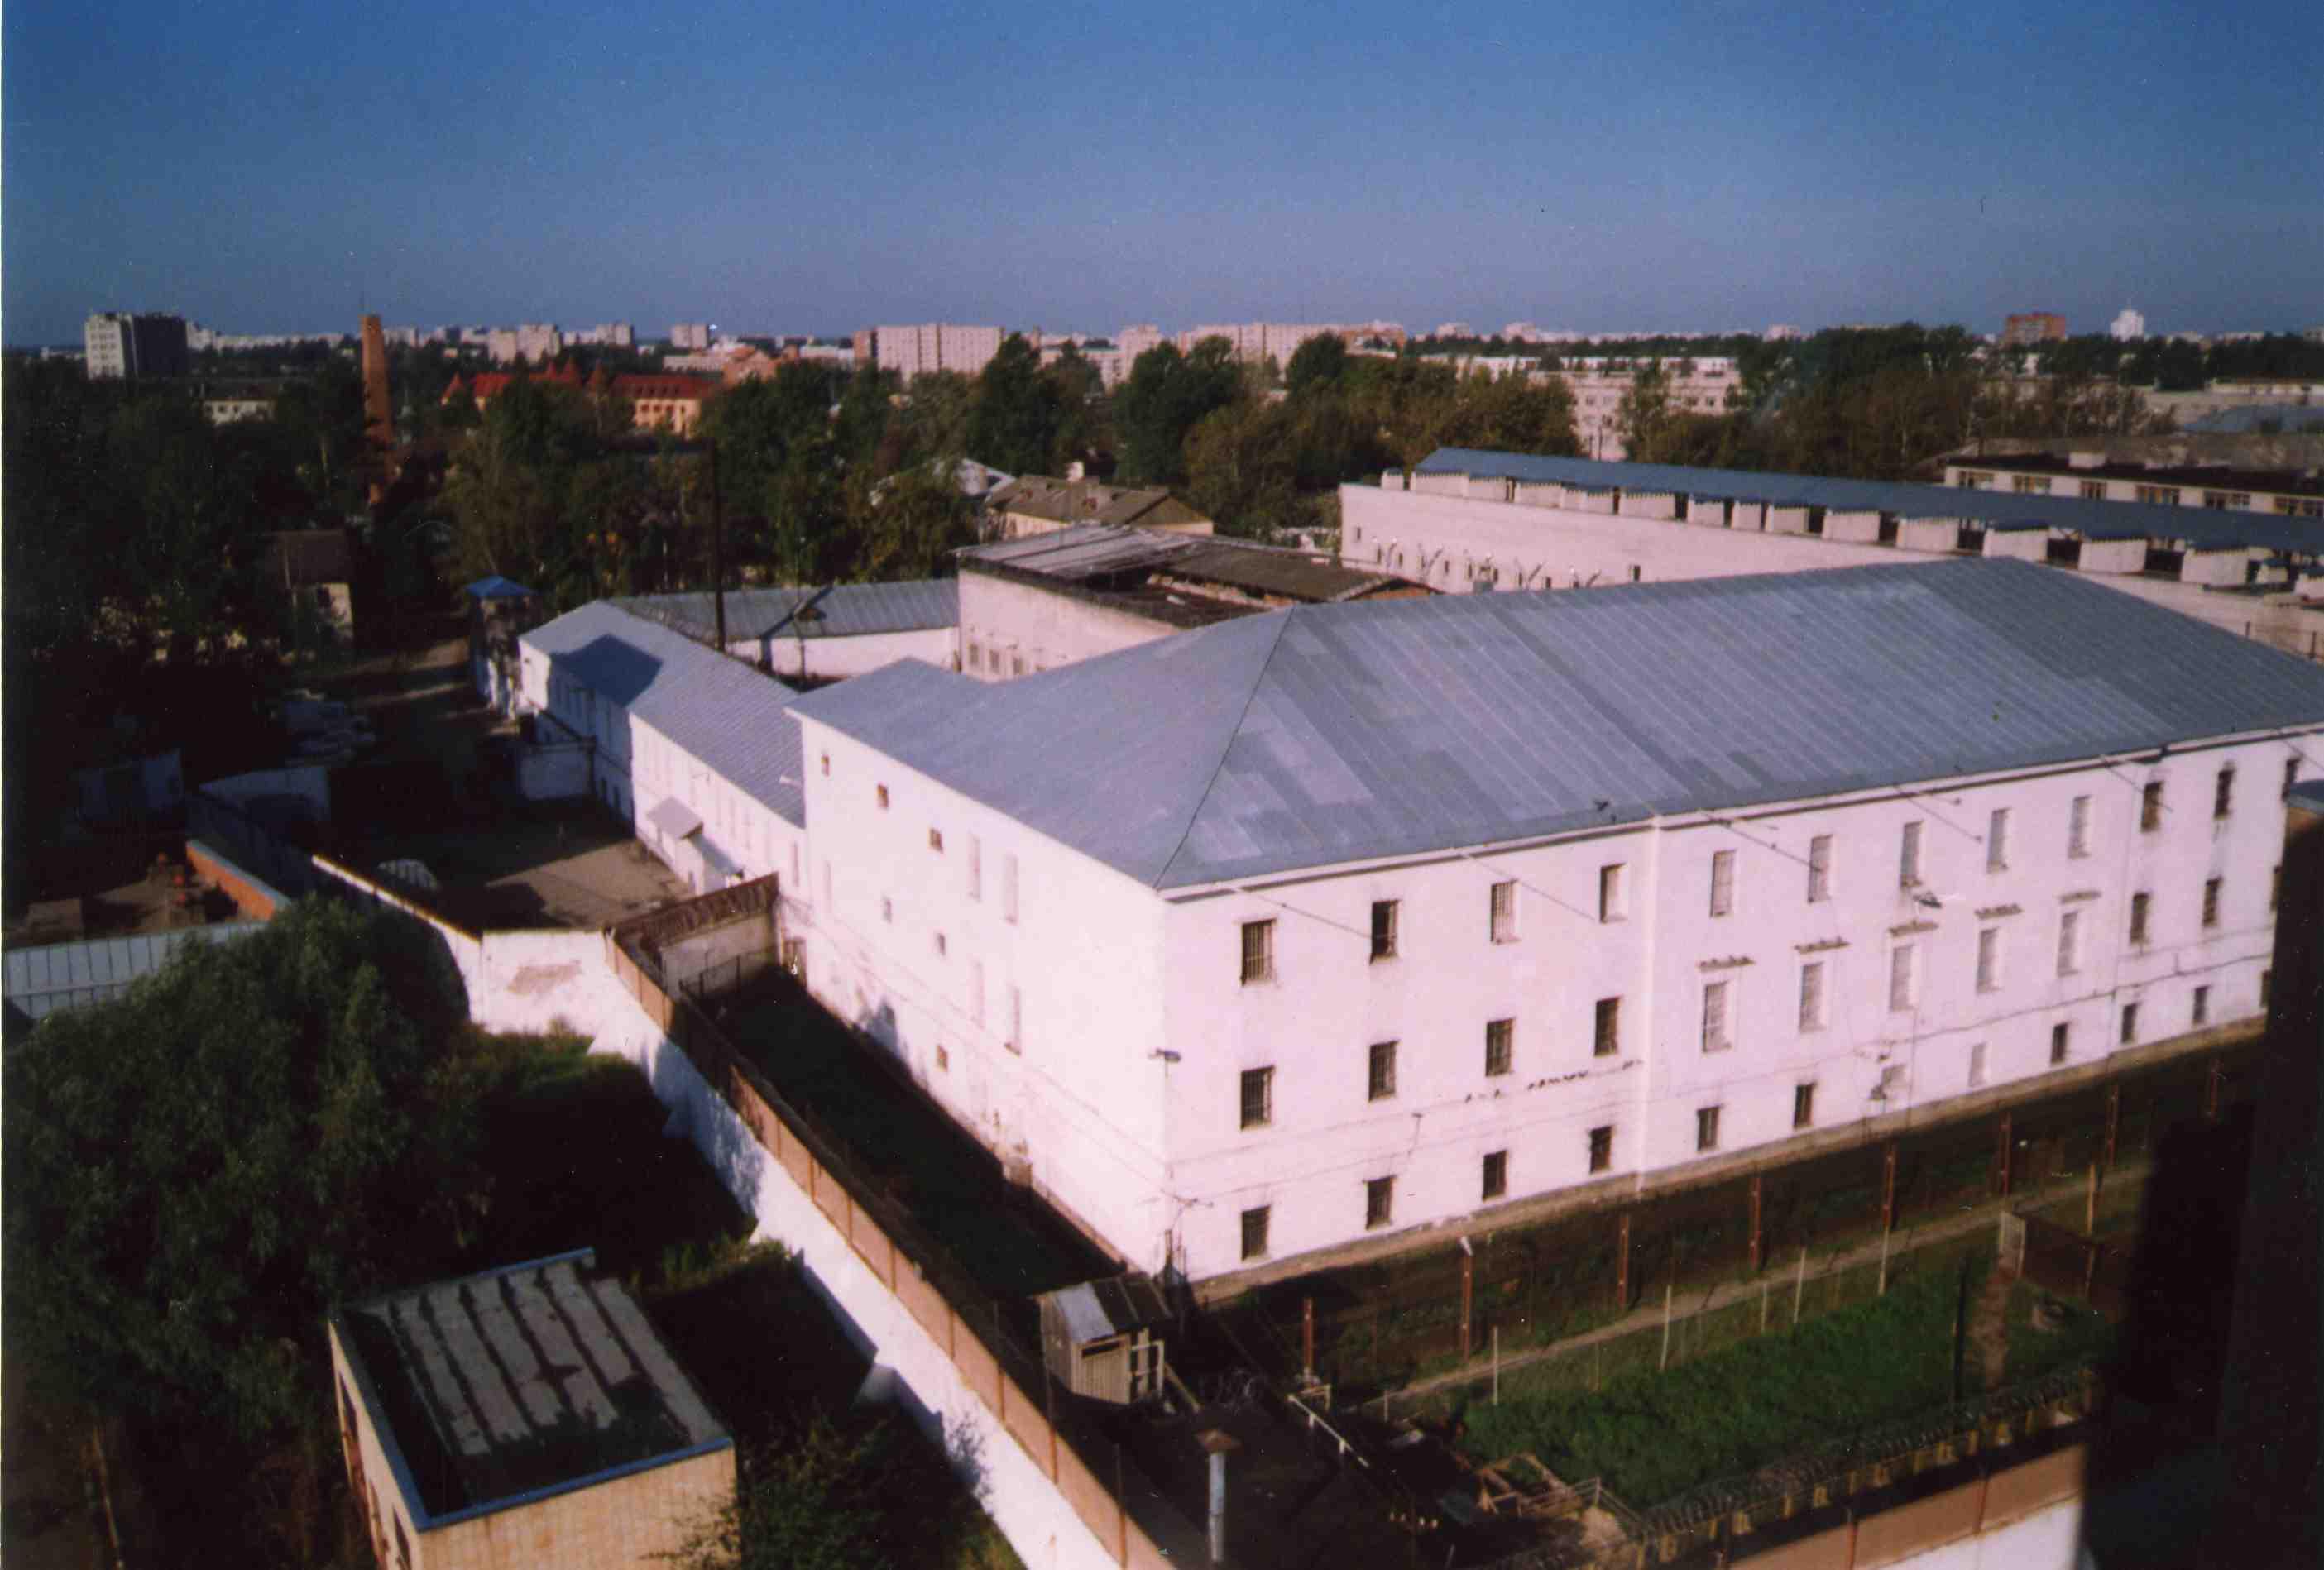 УФСИН: «В 2016 году обстановка в новгородских колониях и СИЗО оставалась сложной, но управляемой»